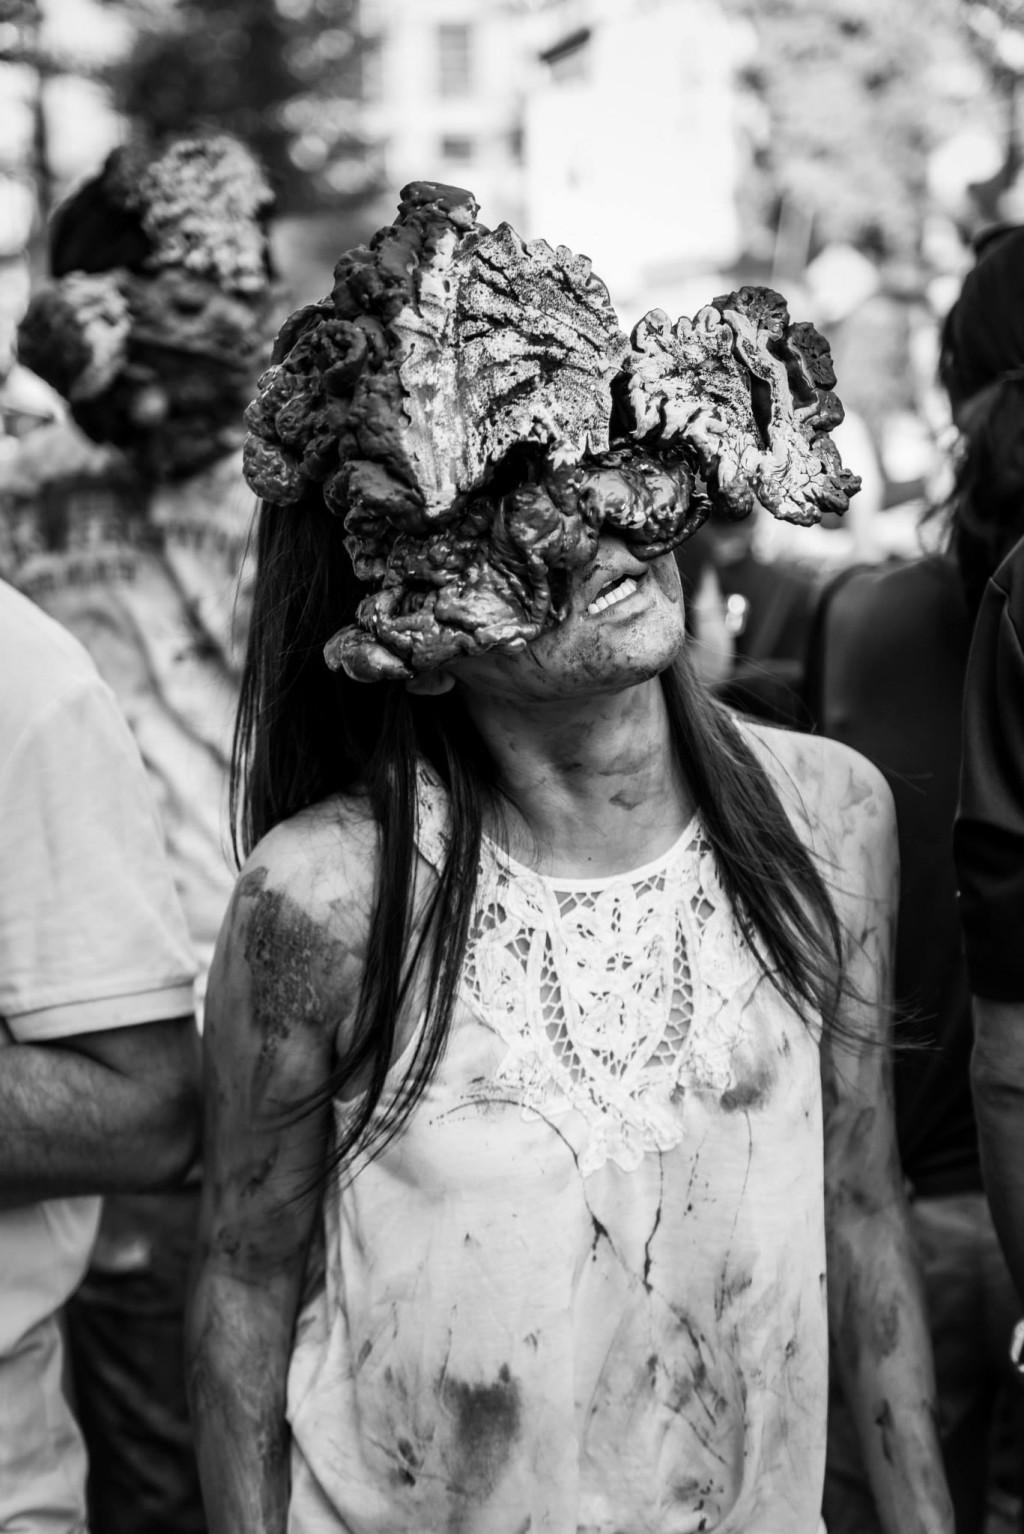 vancouver zombie walk 2014 scott hemenway 53